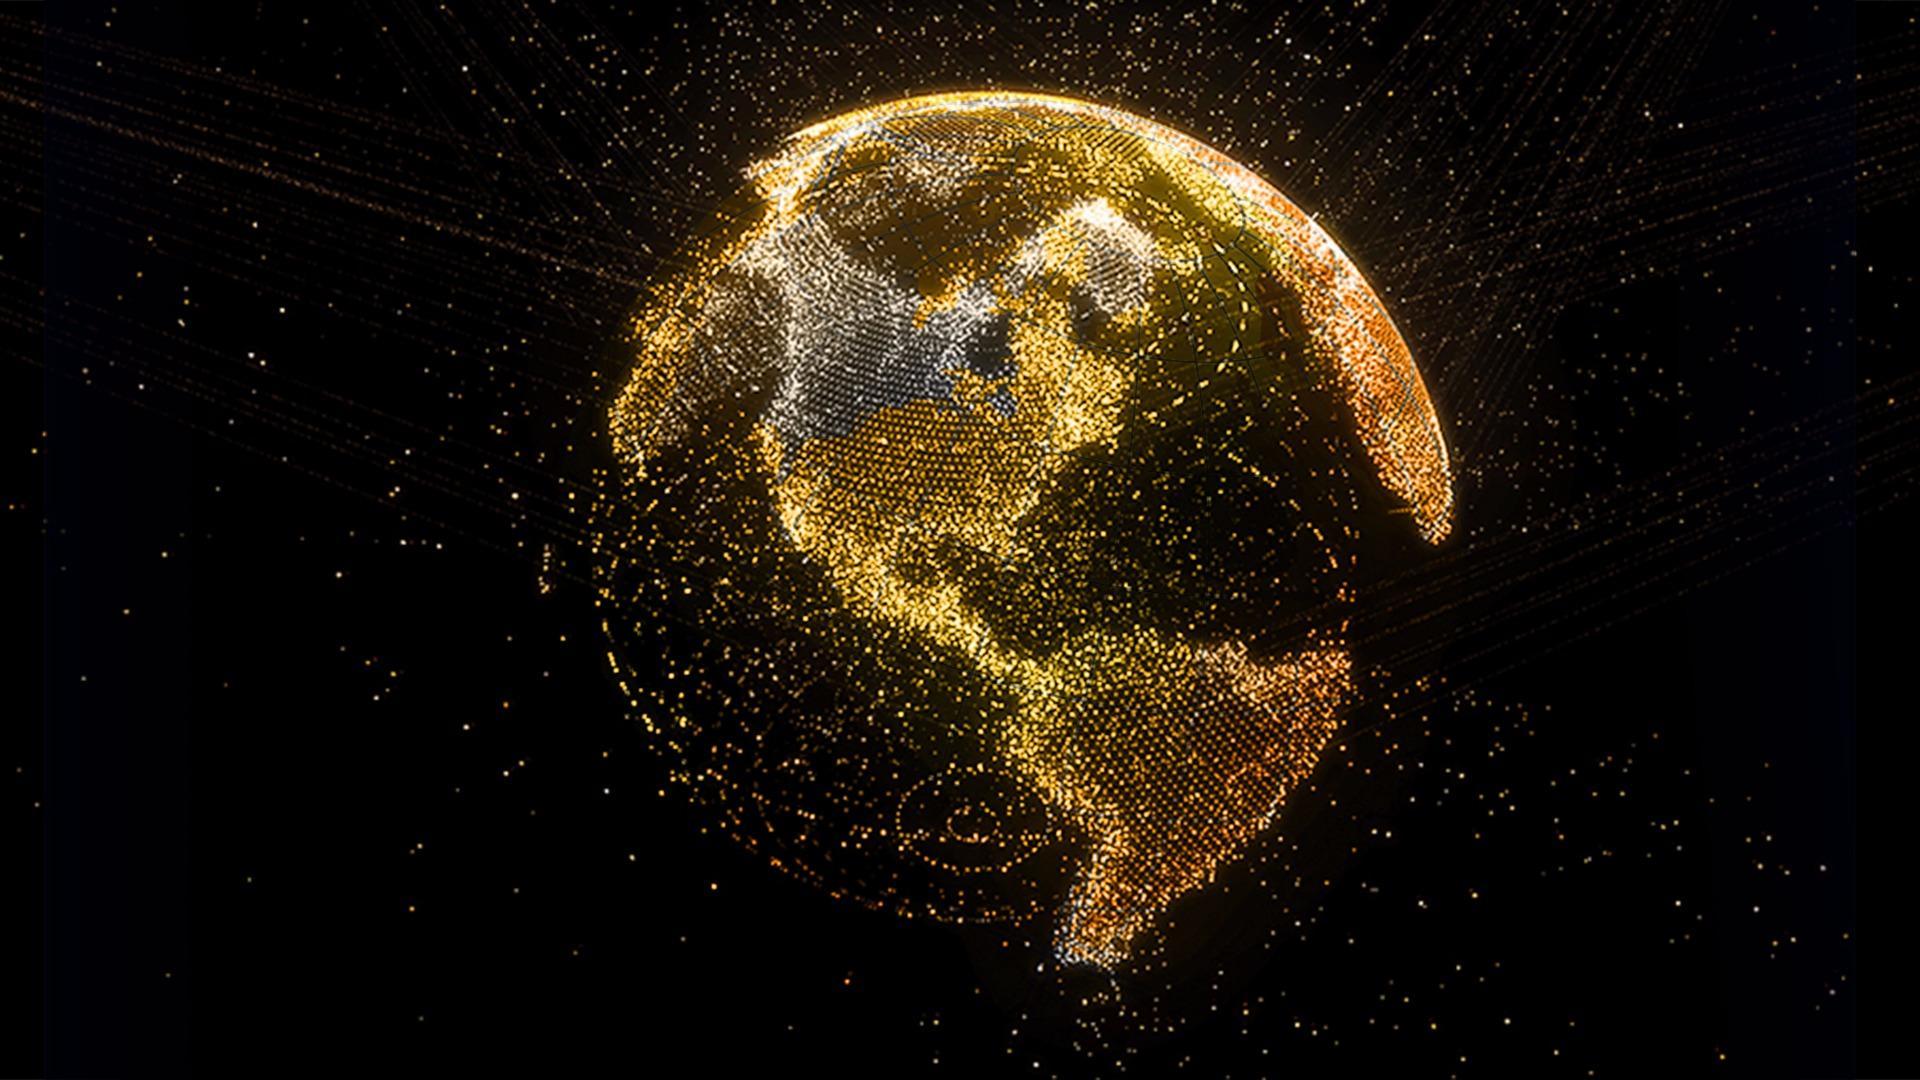 Earth HD Wallpaper - backiee - Free Ultra HD wallpaper ...